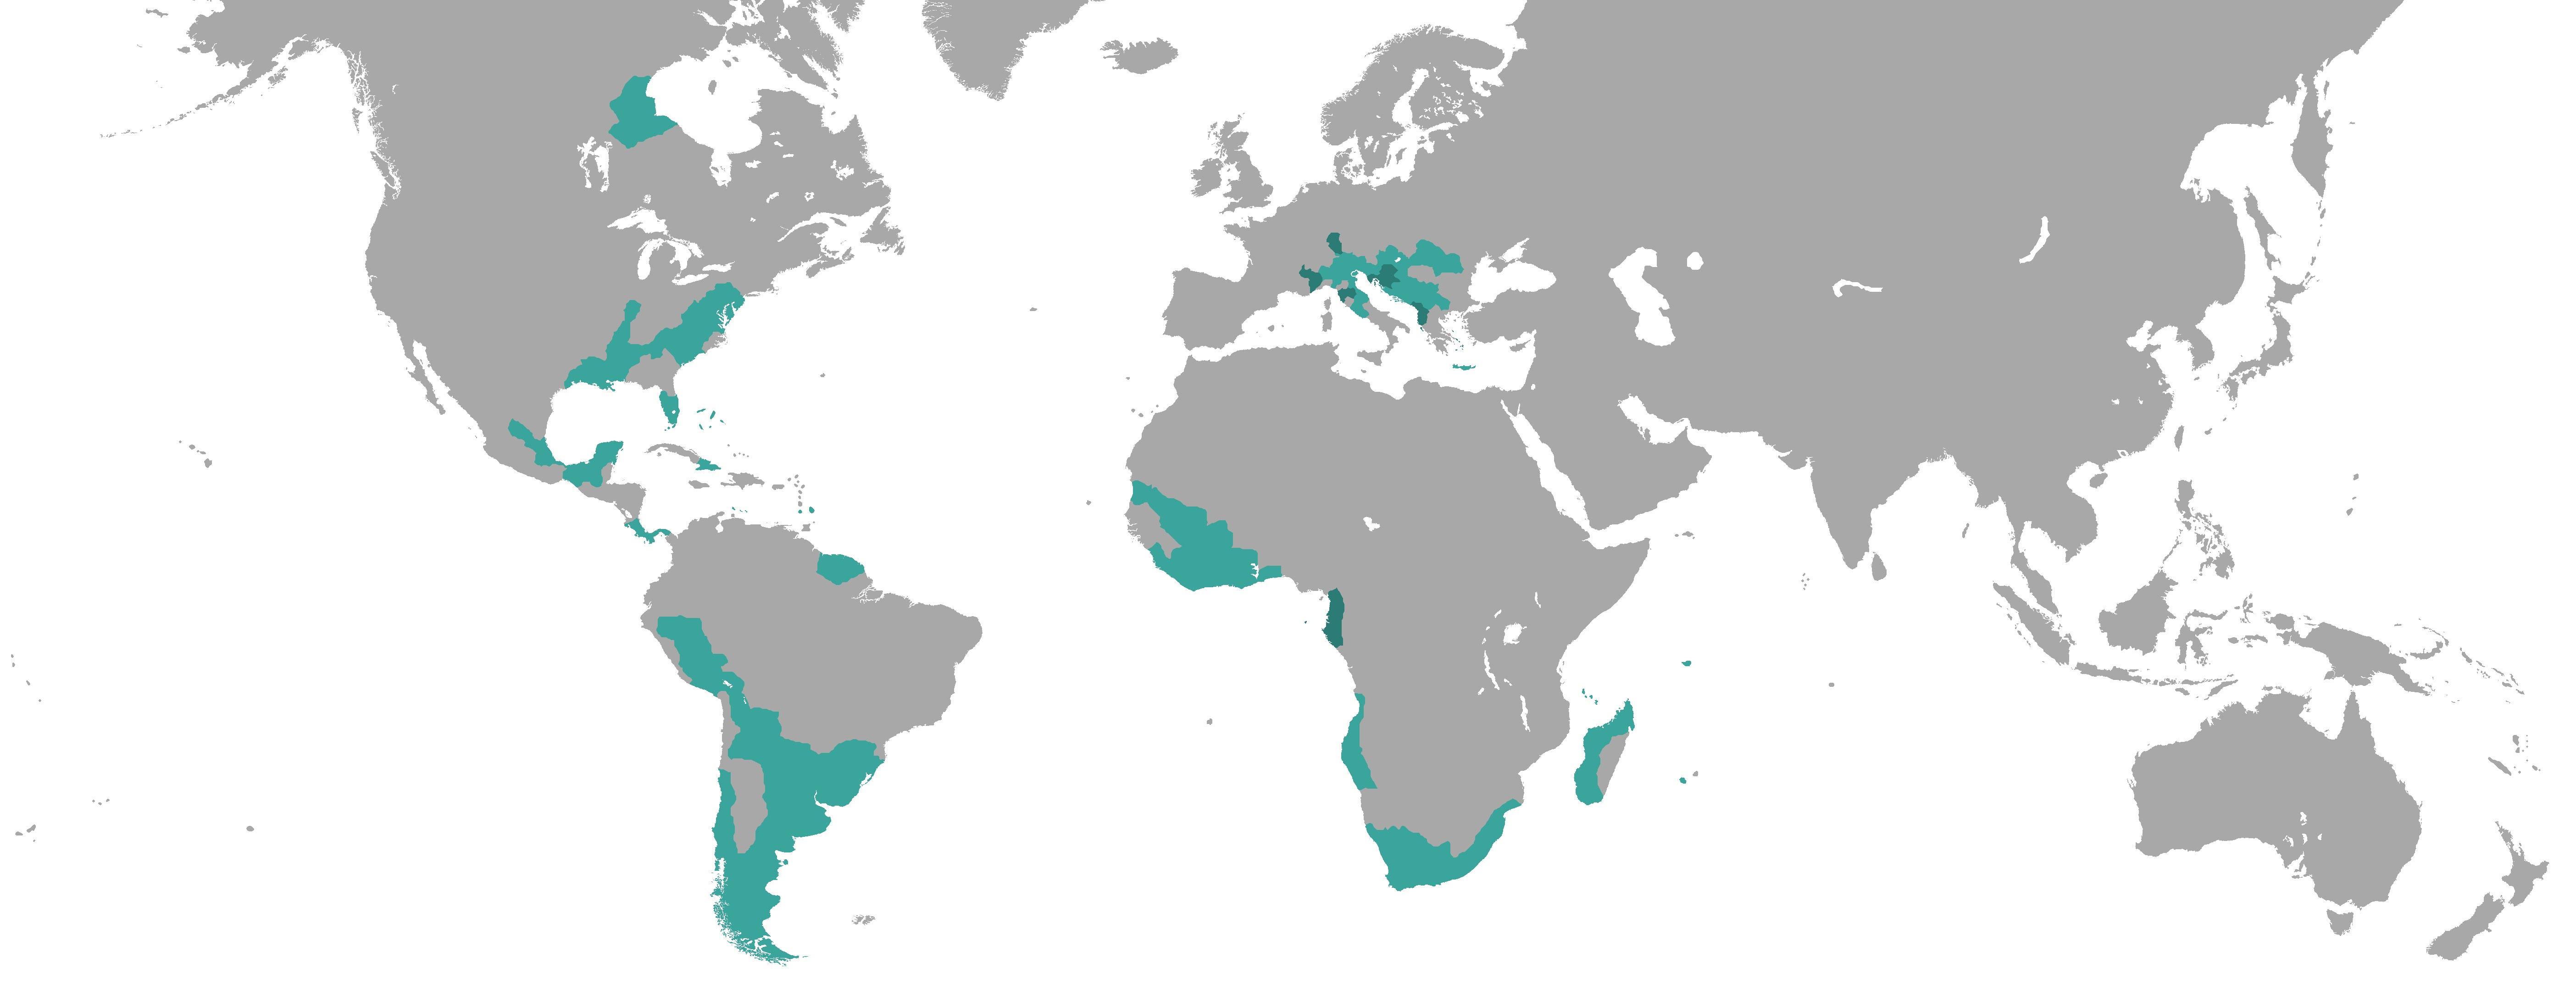 EU3_MAP_VEN_1624.12.2_3.jpg